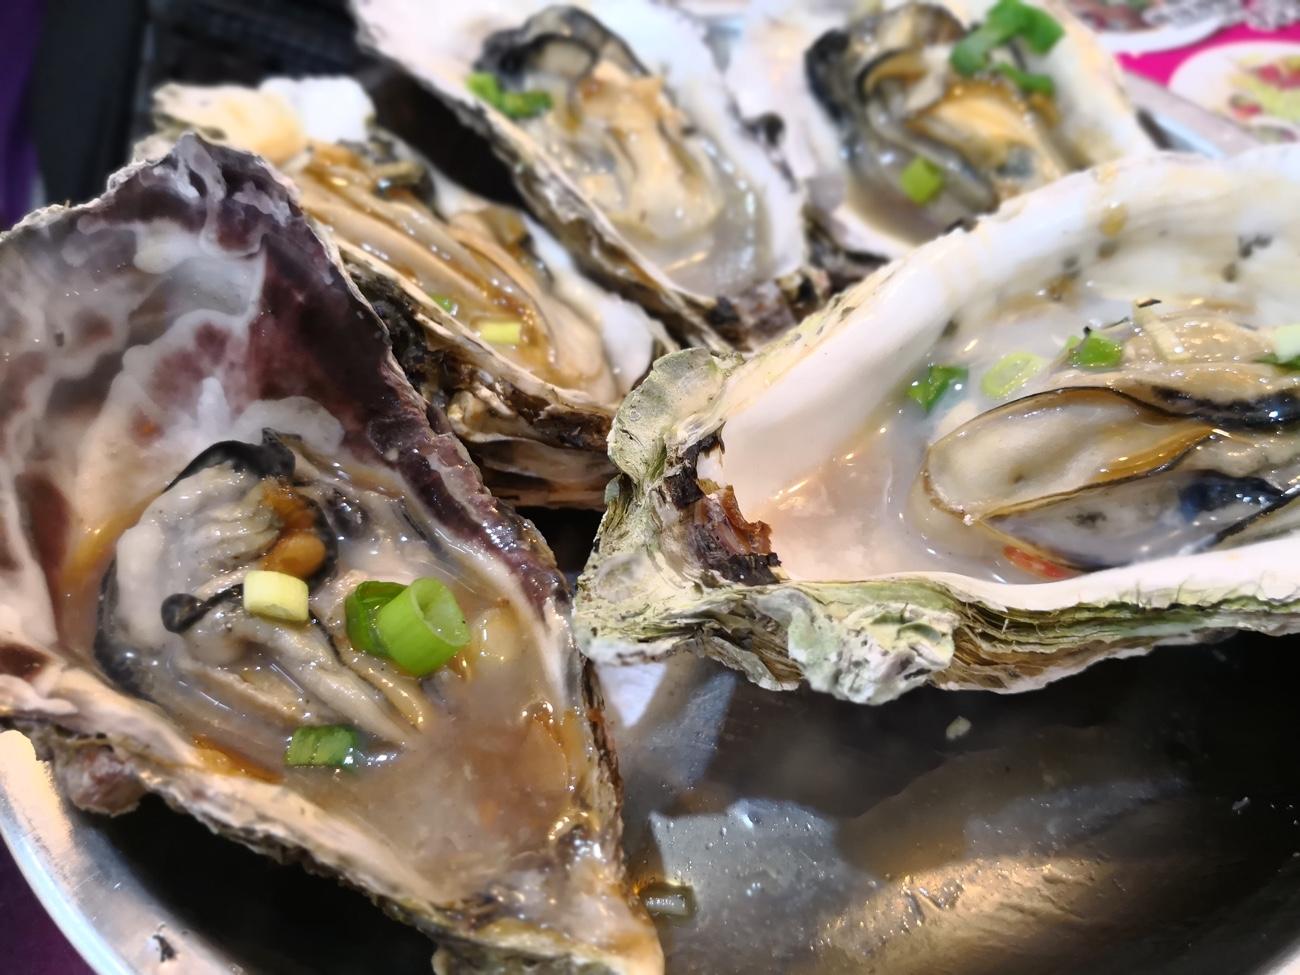 士林市場 焼き牡蠣 台湾グルメ食べ歩き おすすめ